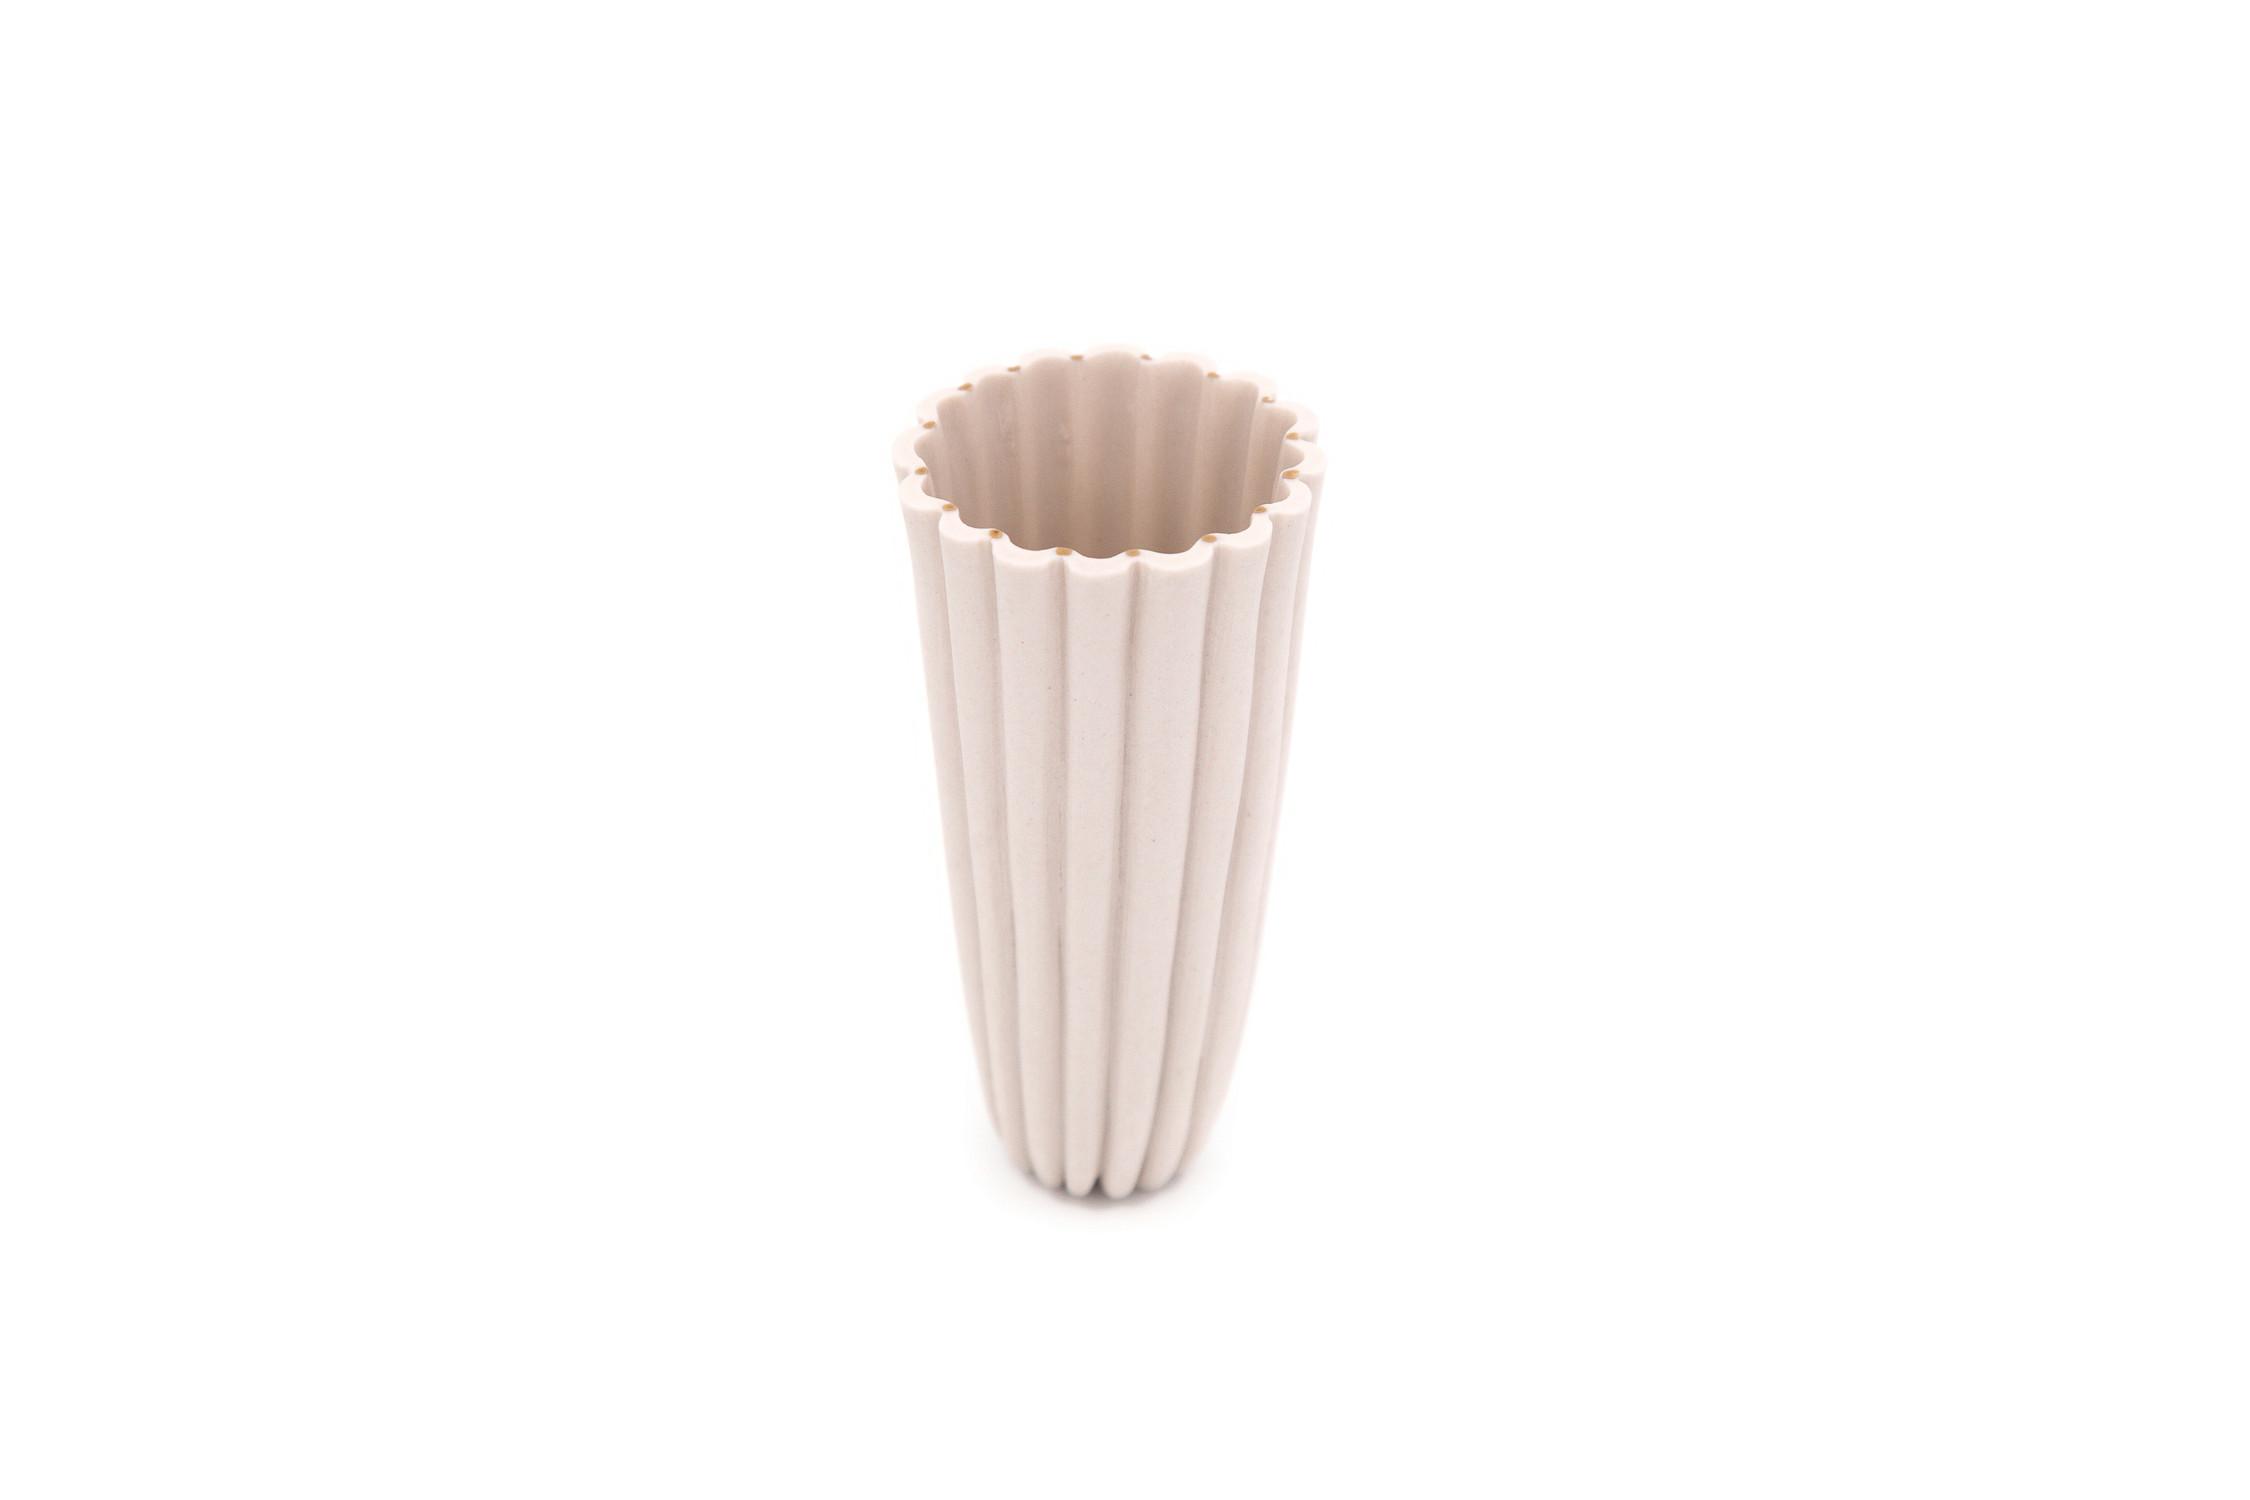 Porcelain Fluted Cup for espresso, green tea or sorbet